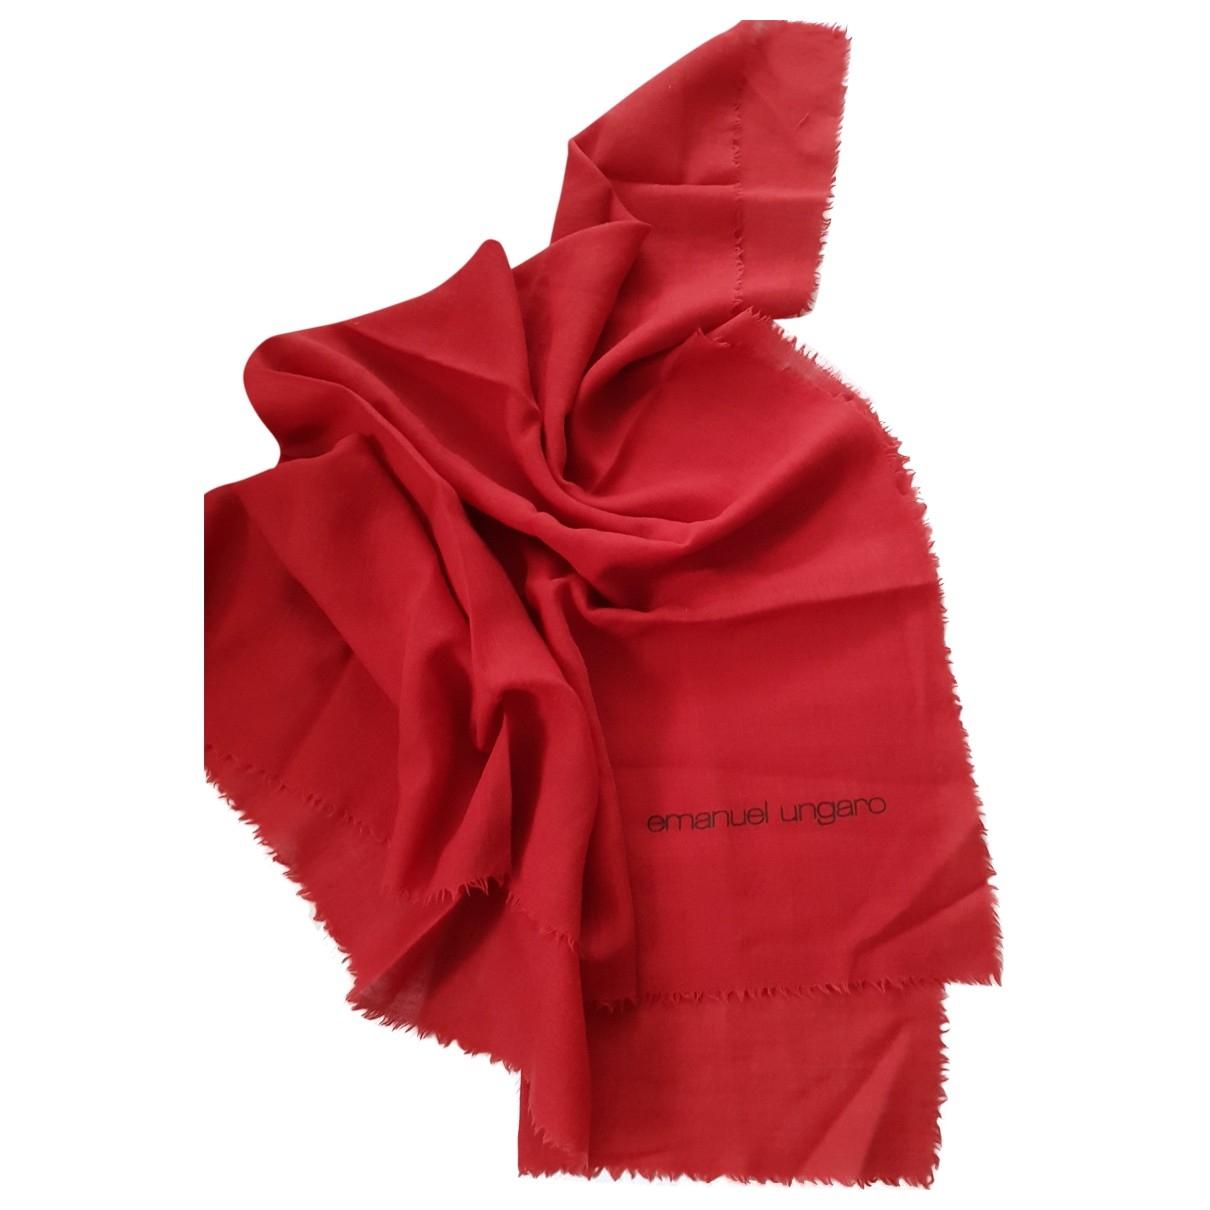 Emanuel Ungaro \N Red scarf for Women \N